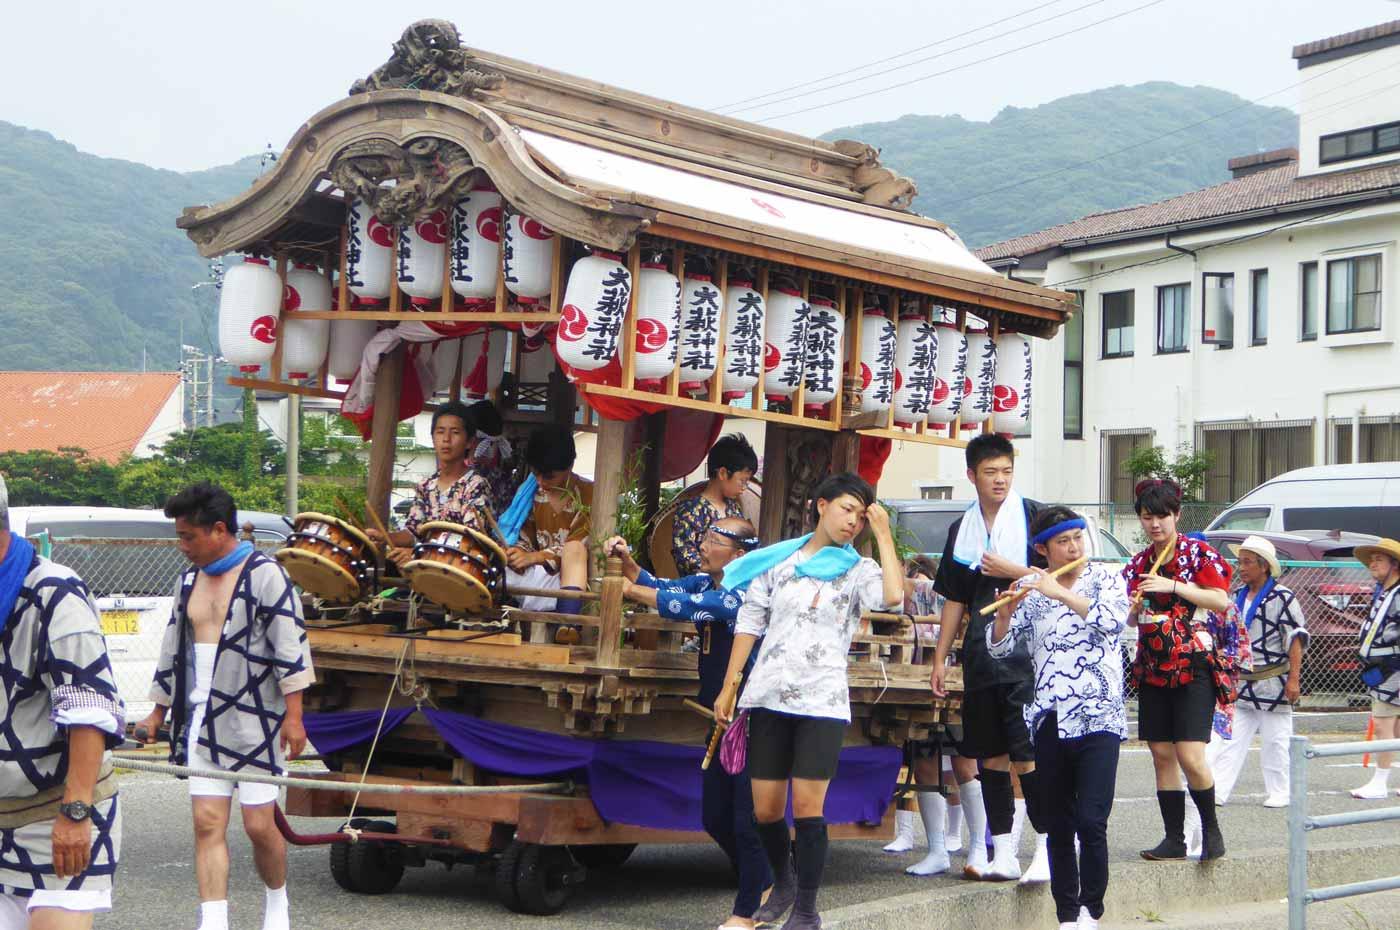 大荻神社の屋台を前から撮影